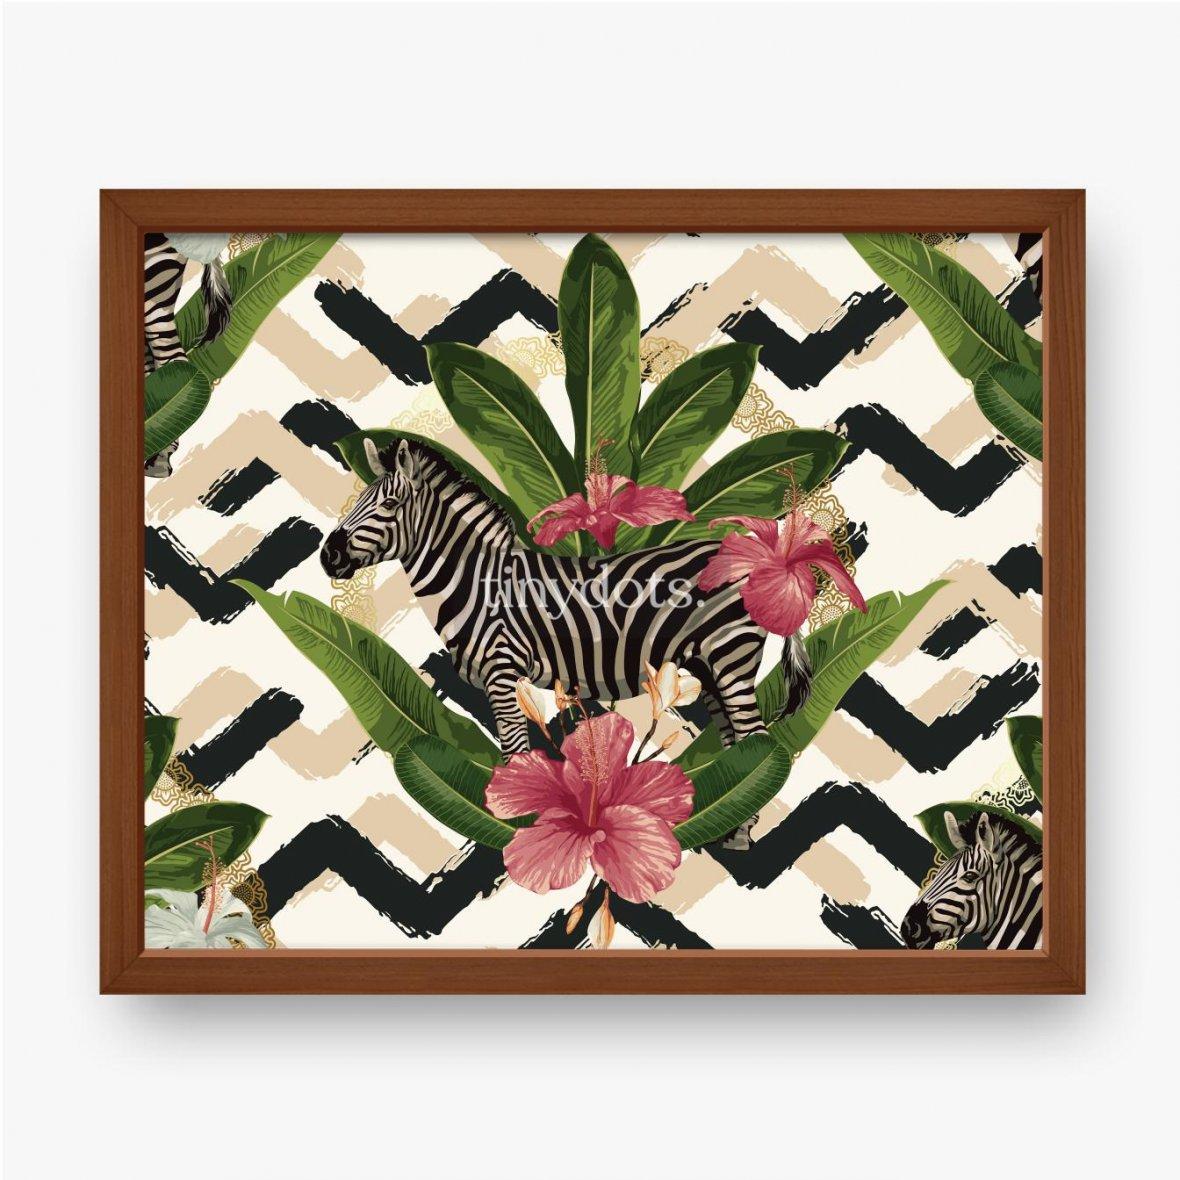 Gerahmte Poster Geometrisches Muster mit Zebra und Blättern